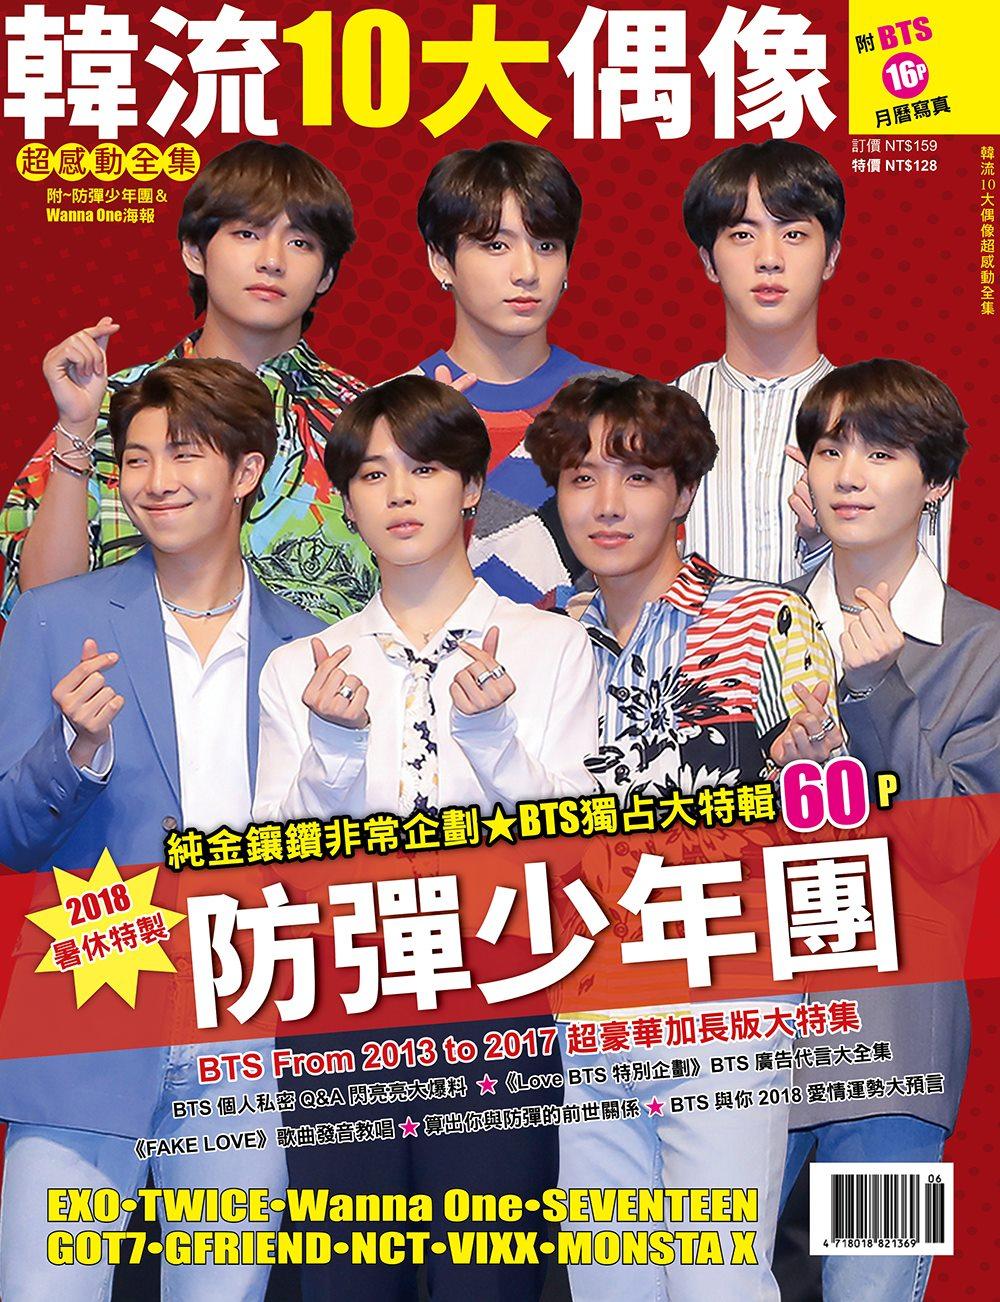 K STAR SPECIAL :韓流10大偶像